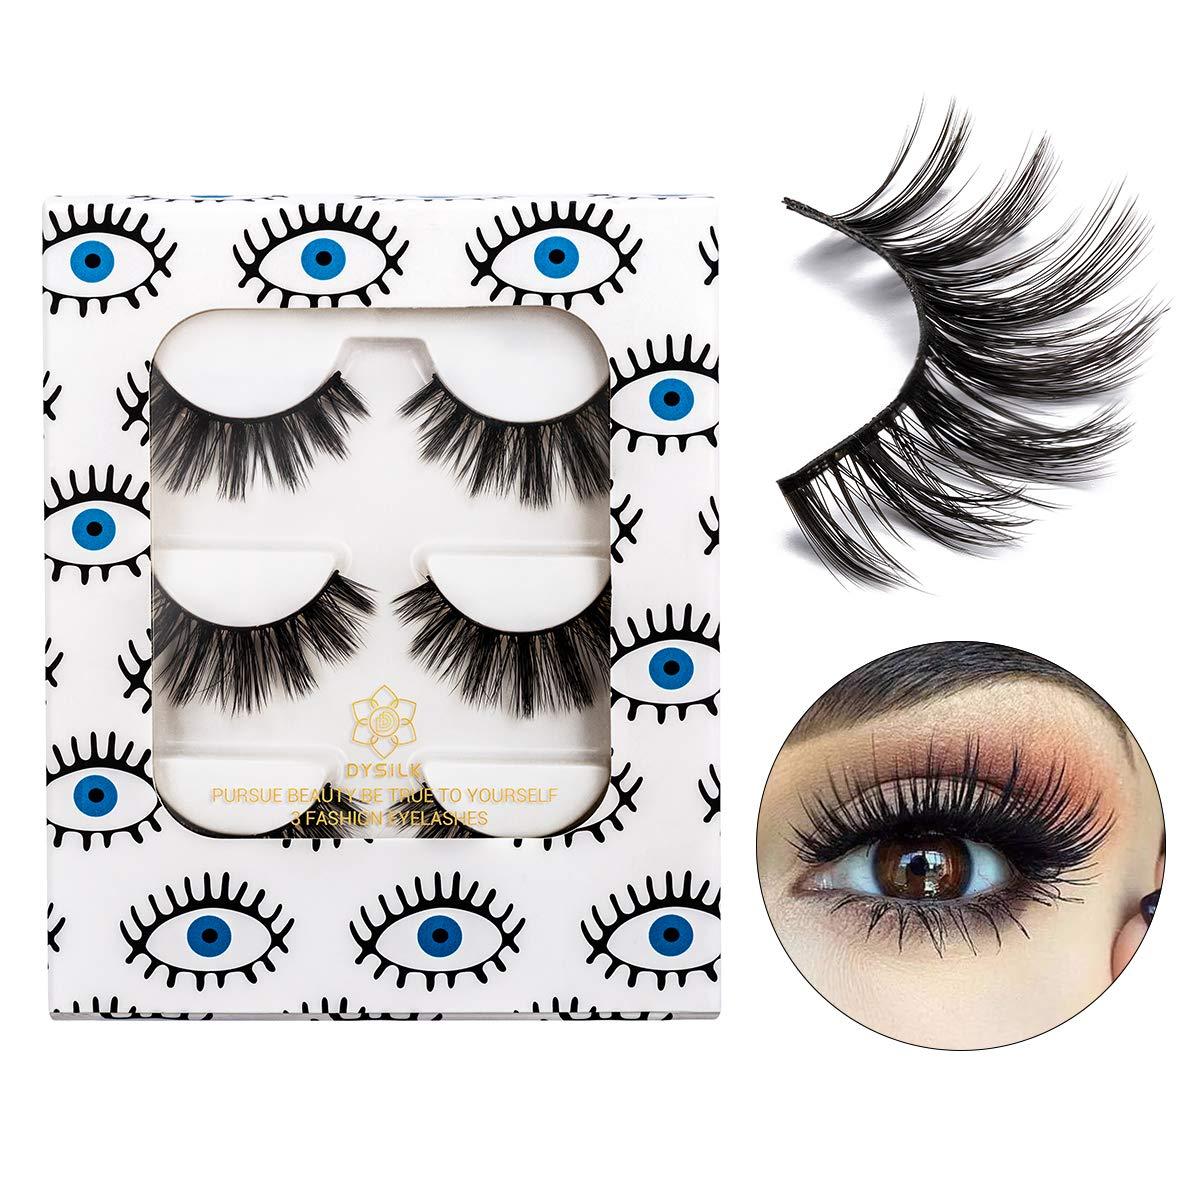 DYSILK 3 Pairs 6D Faux Mink Eyelashes Fluffy Wispy Natural False Eyelashes Soft Handmade Long Fake Eyelashes Reusable Extension Makeup Lashes Black